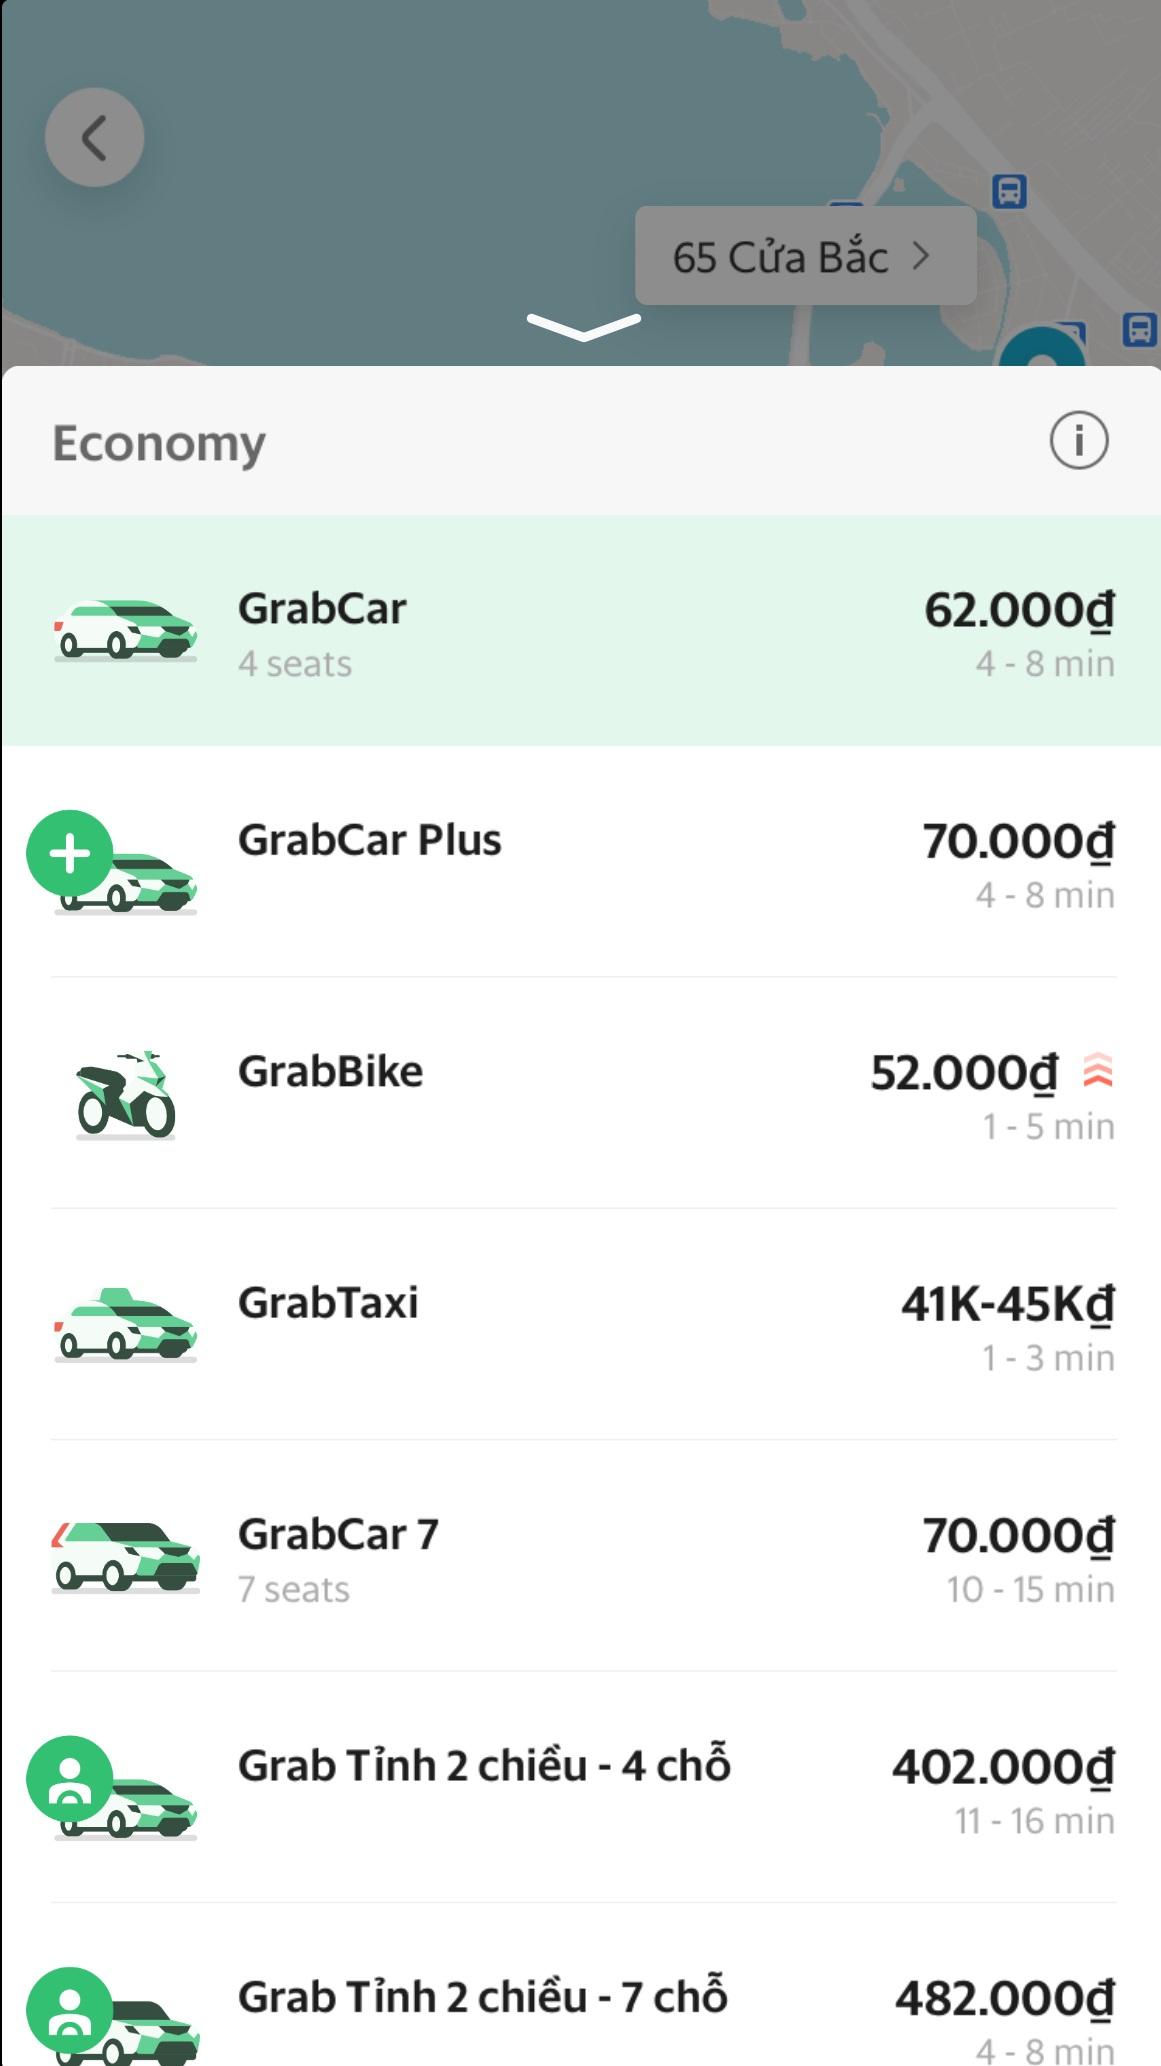 Grab_タクシー_車種